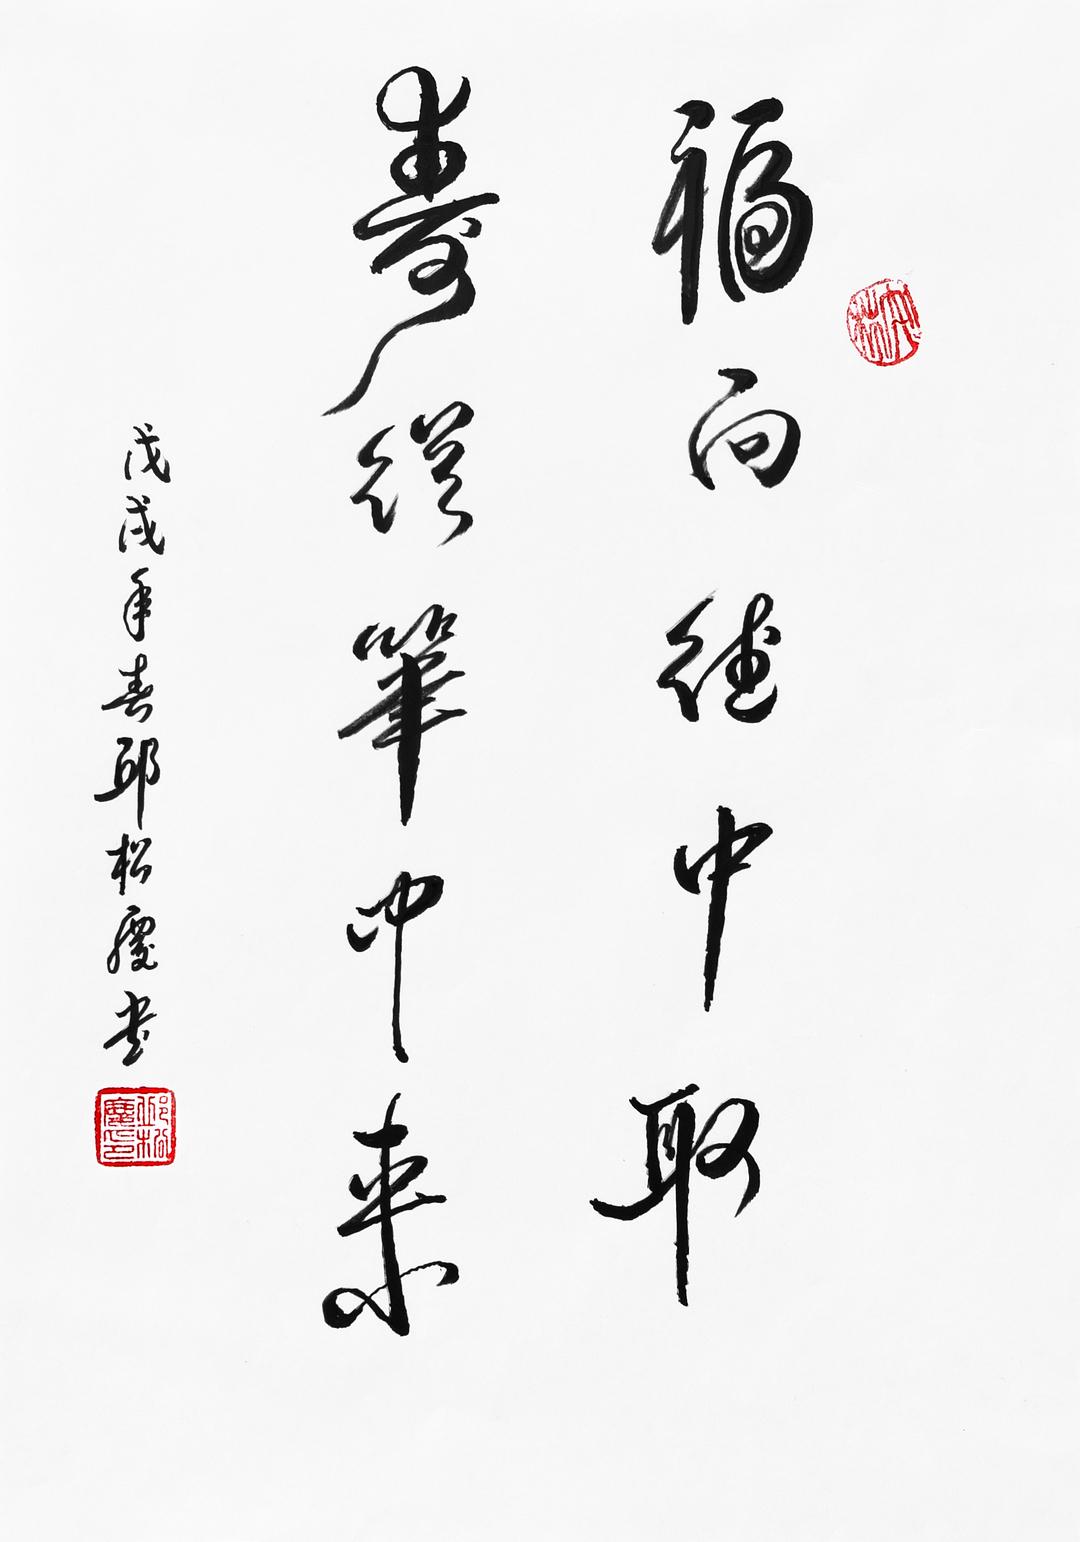 《福向德中取 寿从笔中来》29.7x21cm 行书 纸本墨笔 2018年